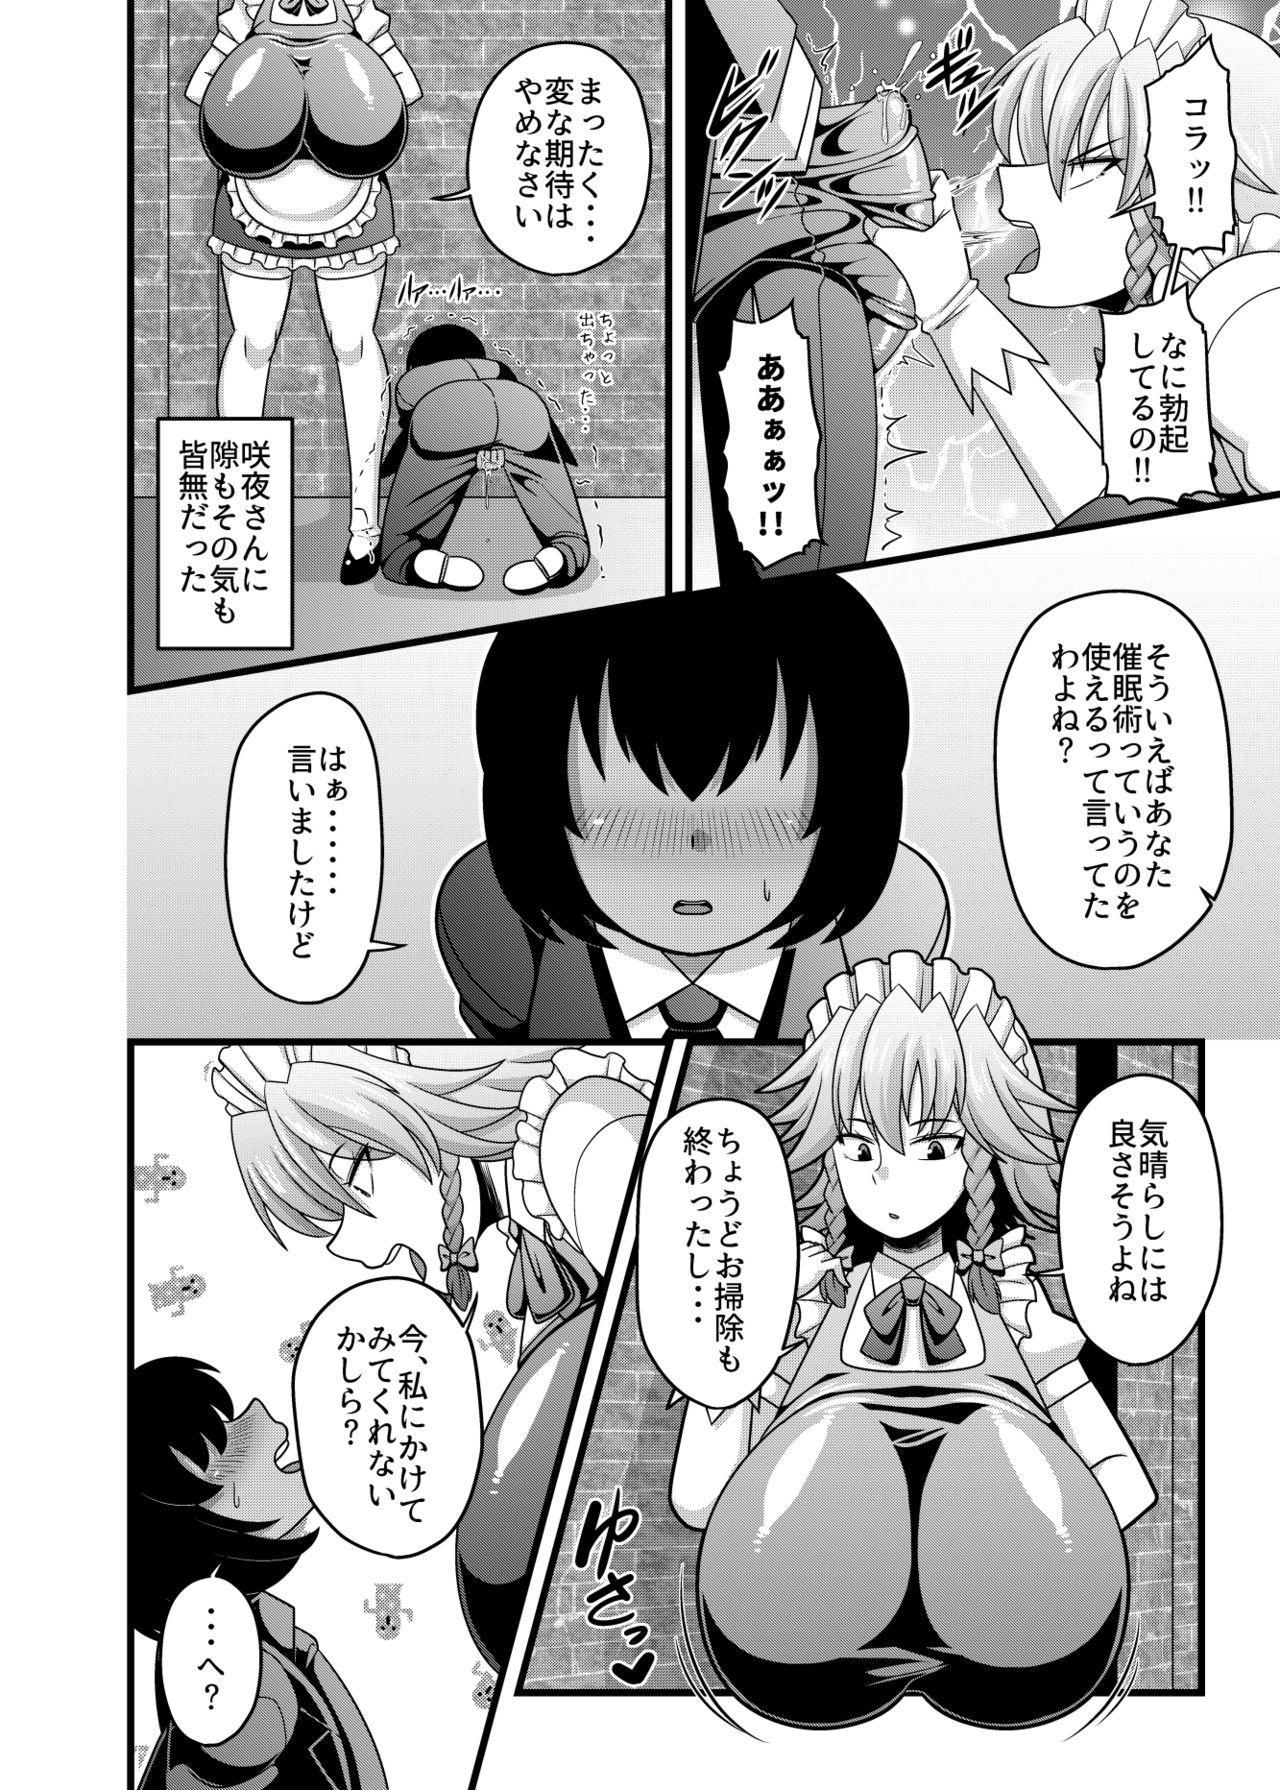 Sakuya-san no Oppai ga Susamajiku Ookikatta no de Saiminjutsu o Tsukatte Totemo Nakayoku Natta Hanashi 2